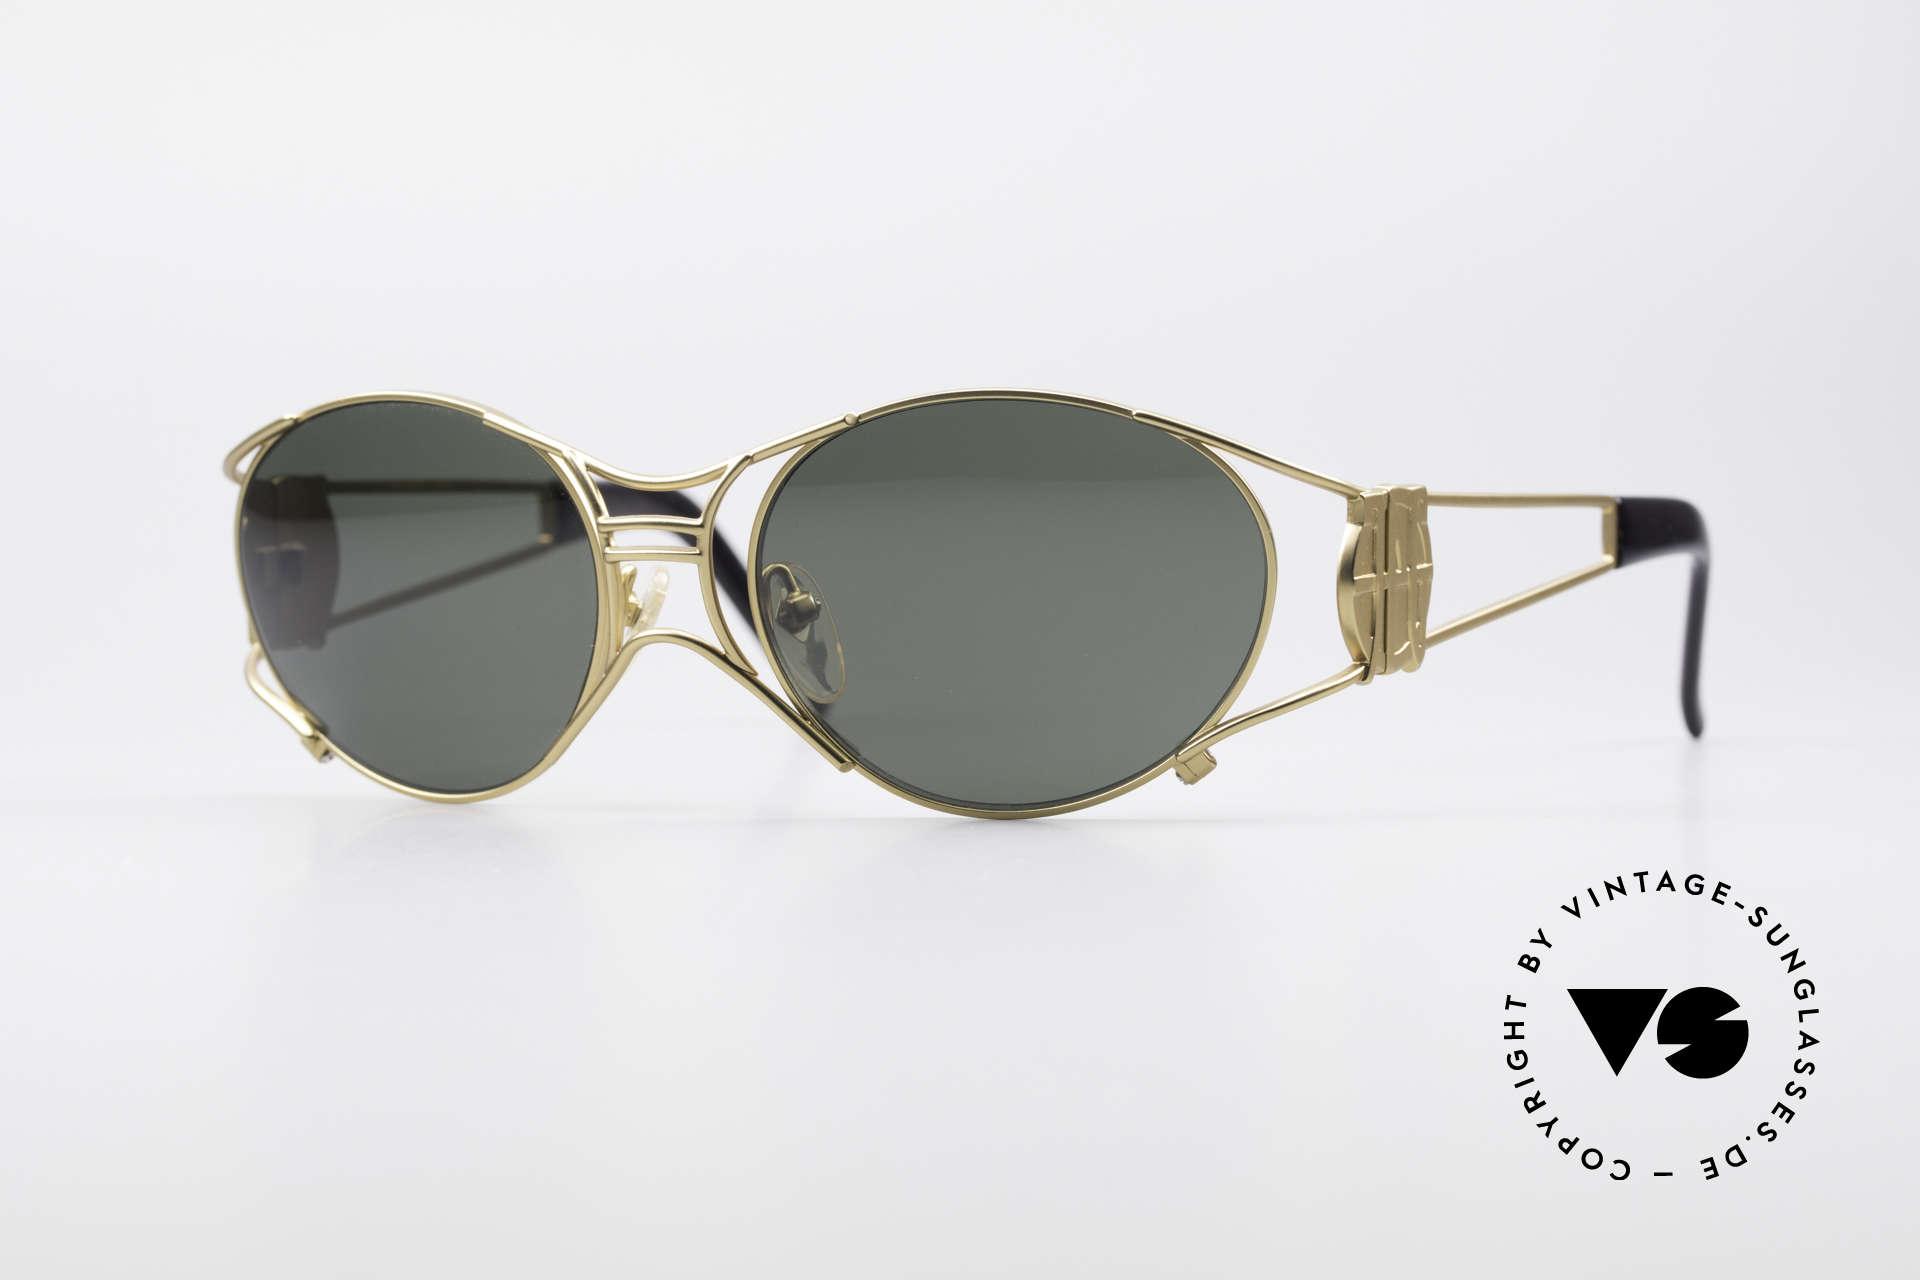 Jean Paul Gaultier 58-6101 90er Steampunk Sonnenbrille, seltene Jean Paul GAULTIER Designer-Sonnenbrille, Passend für Herren und Damen